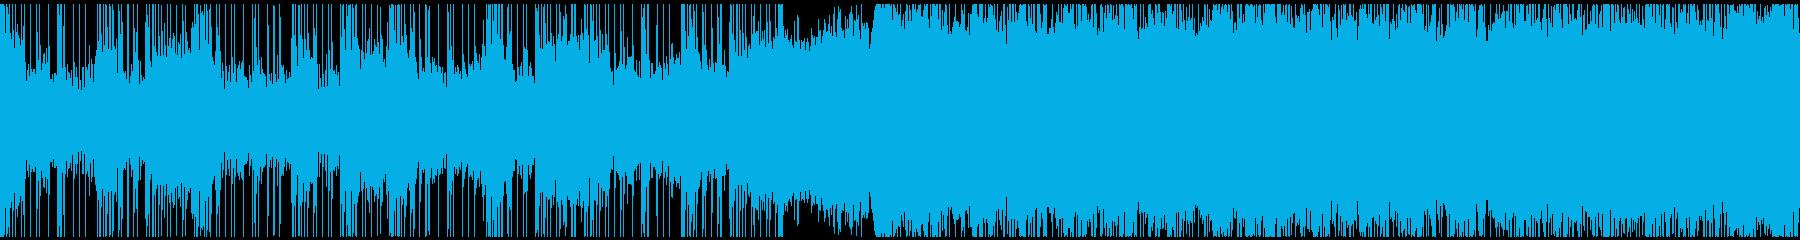 【ループ対応】重厚ストリングス メタルの再生済みの波形